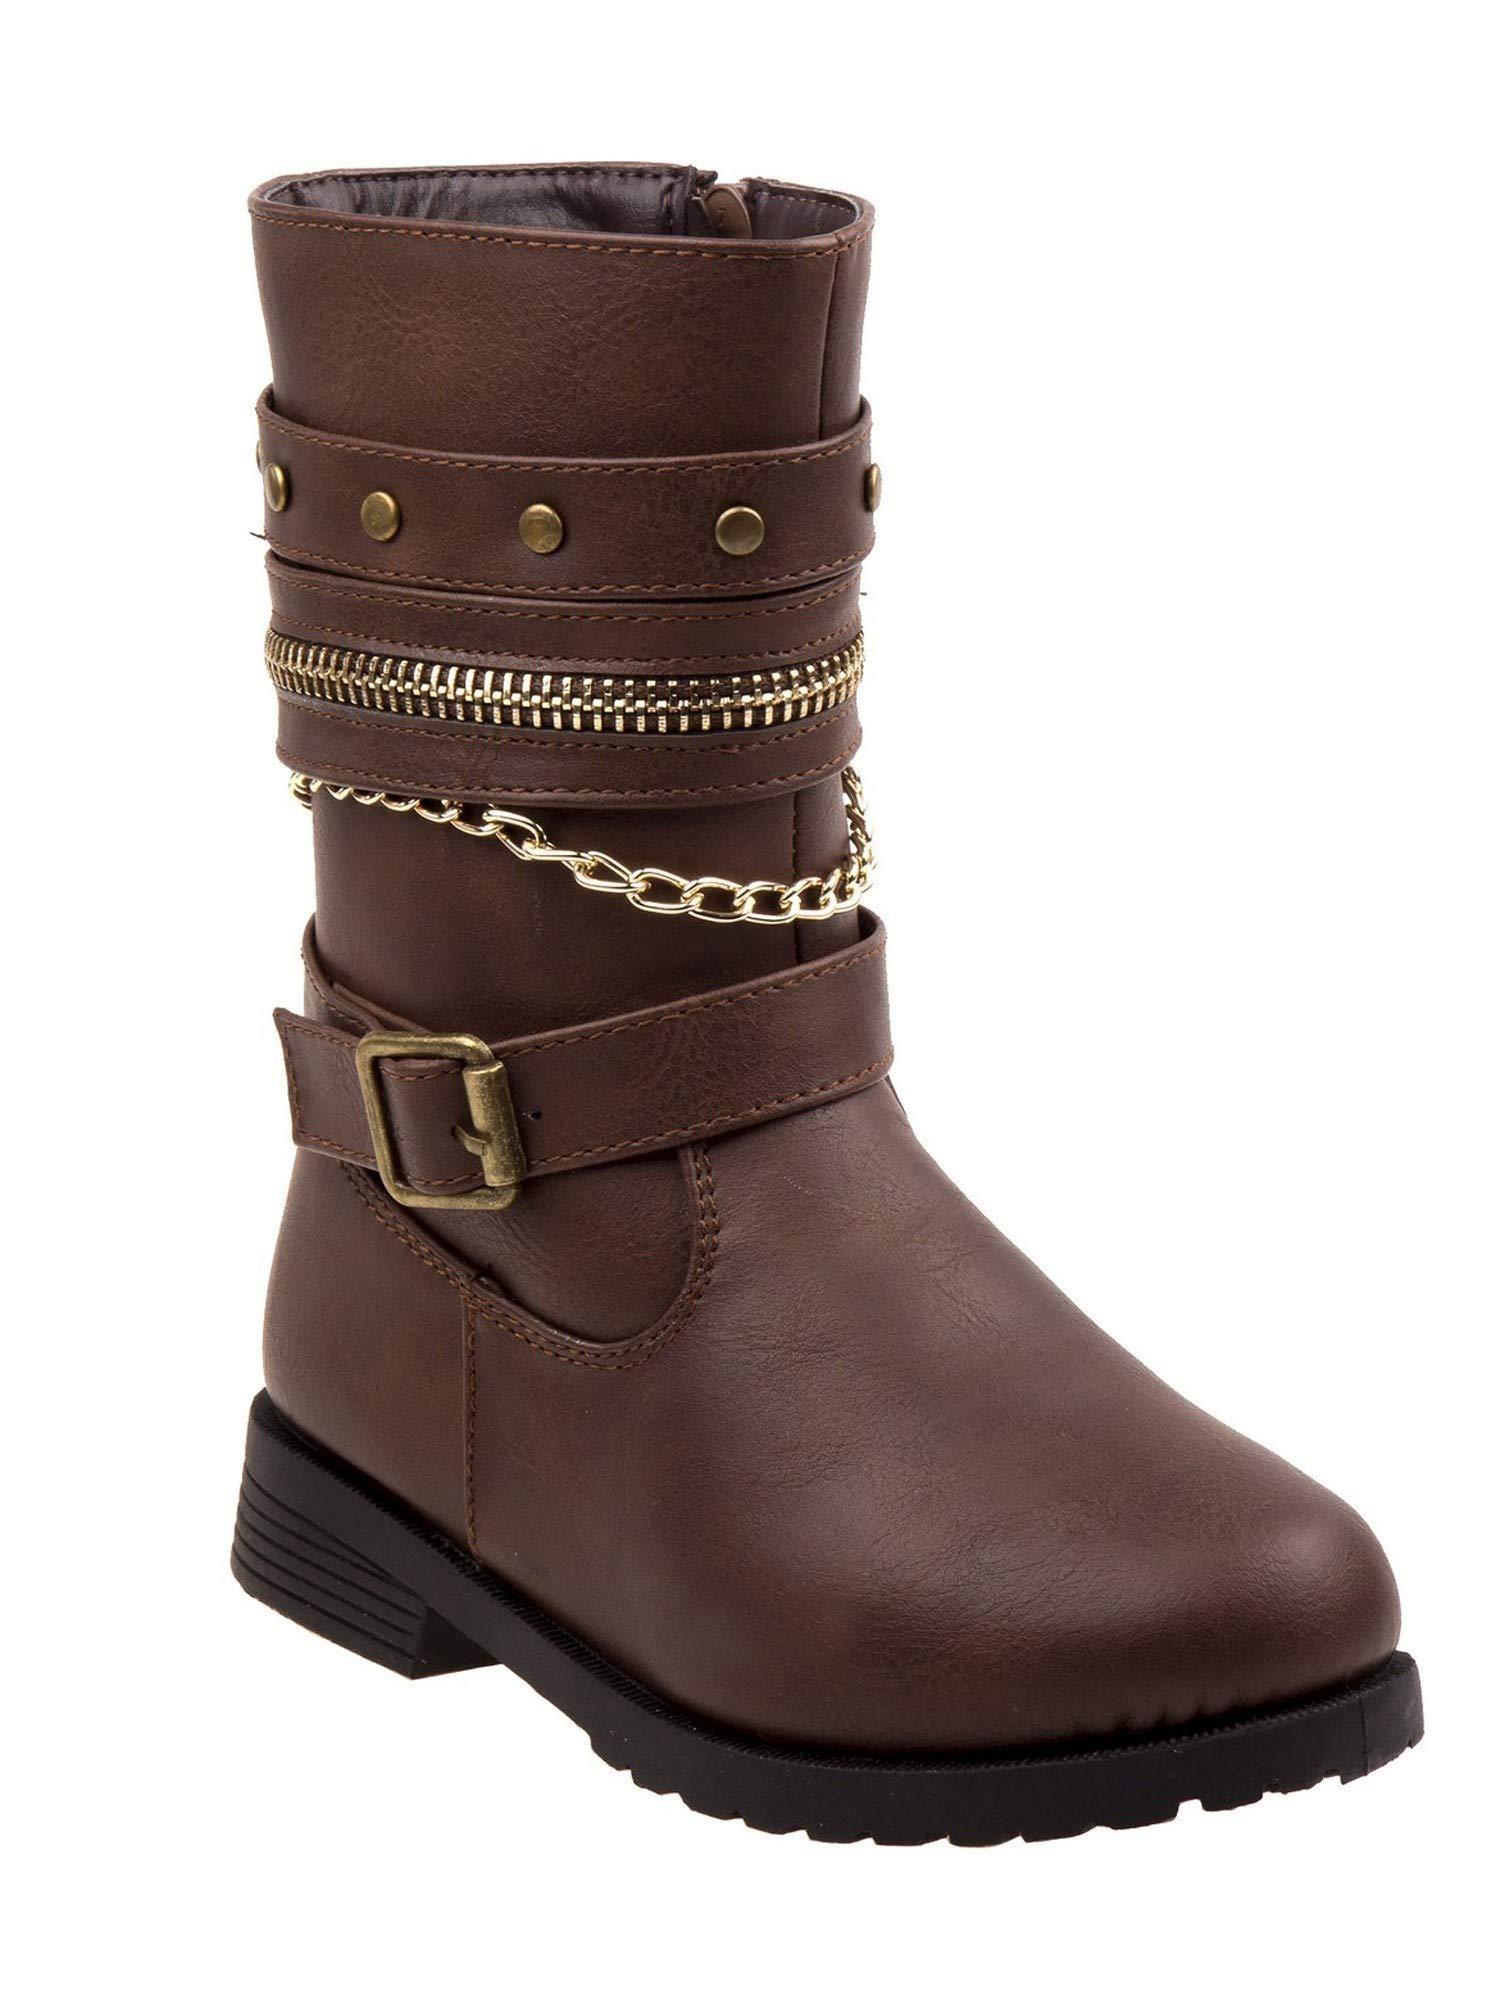 Rugged Bear Little Girls Brown Chain Zipper Buckle Mid-Calf Boots 5 Toddler